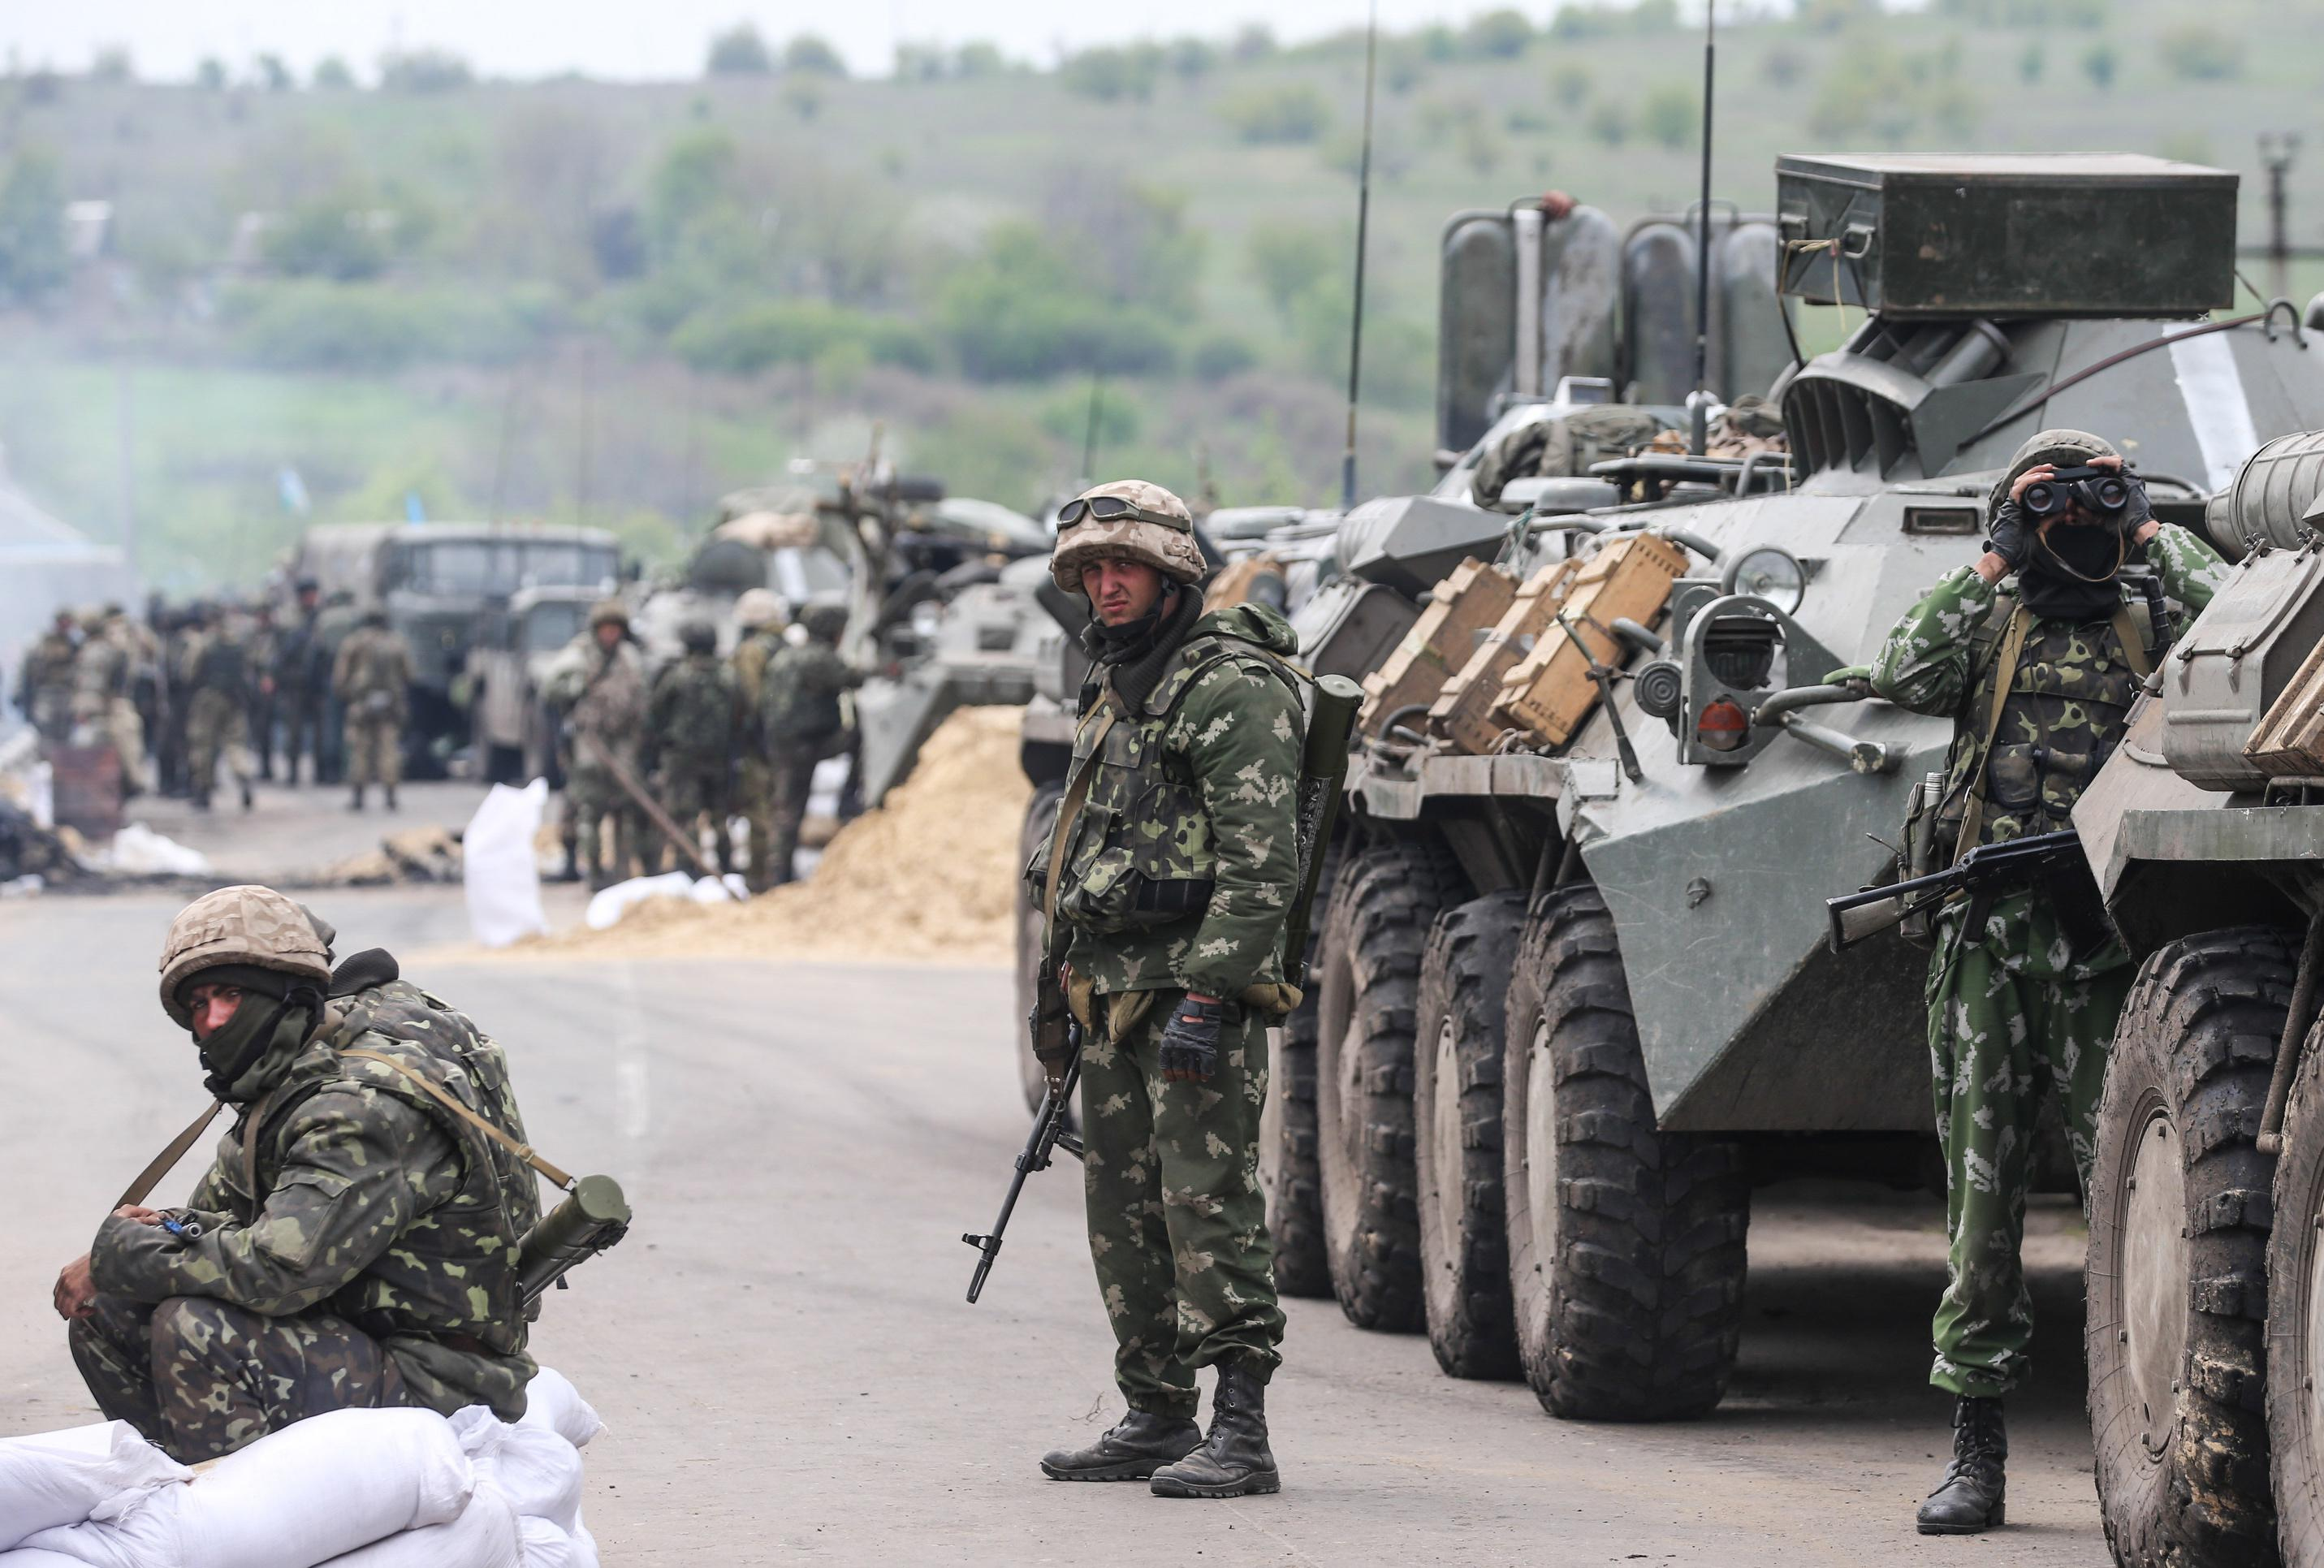 ukraine_donetsk_war_tank_soldiers